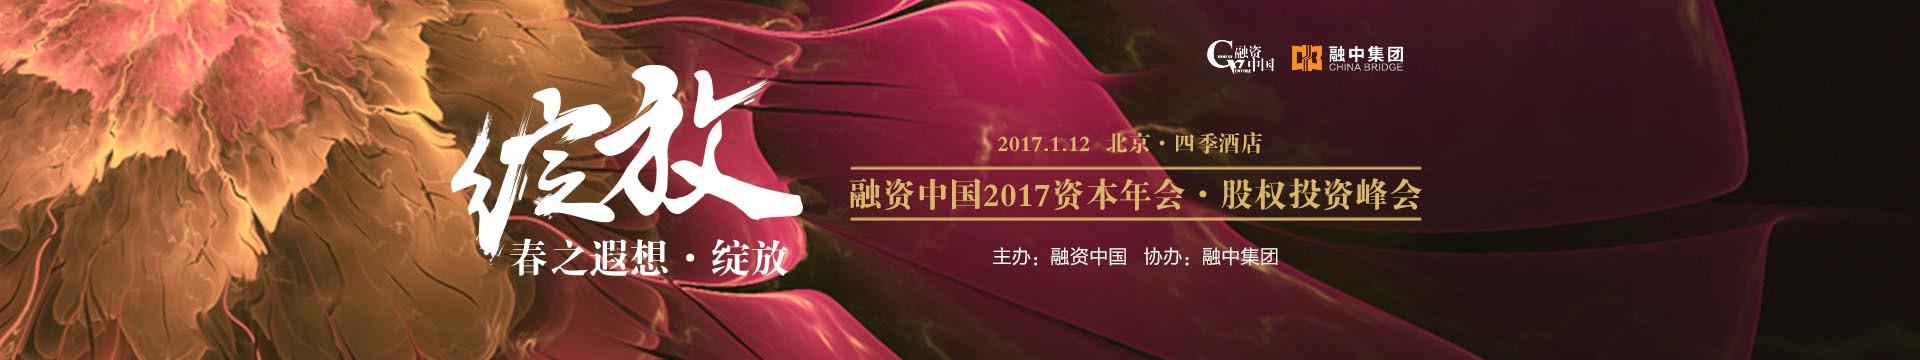 融资中国2017资本年会•股权投资峰会